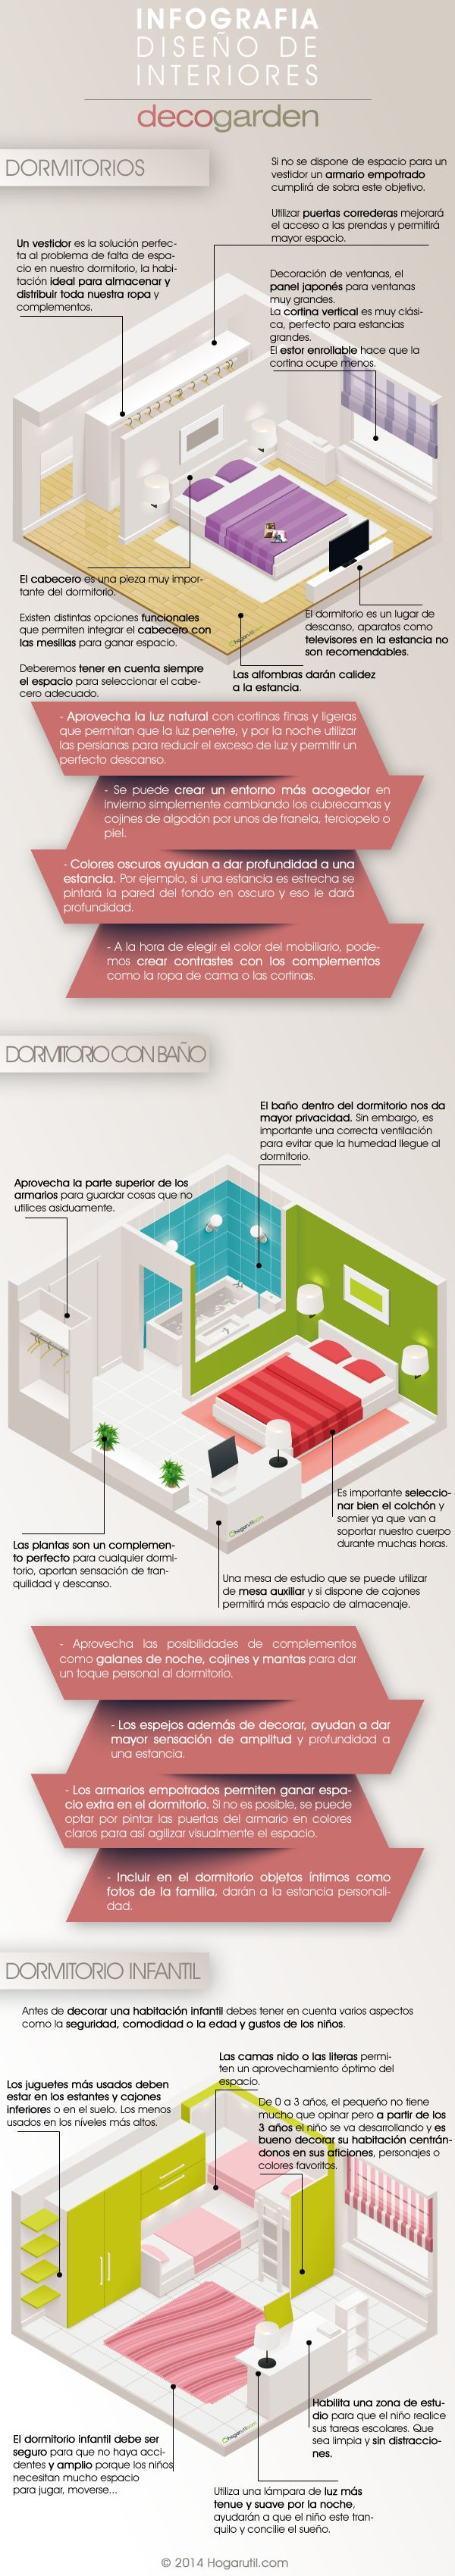 Infografía sobre la decoración de dormitorios: distribución, iluminación, luz natural.